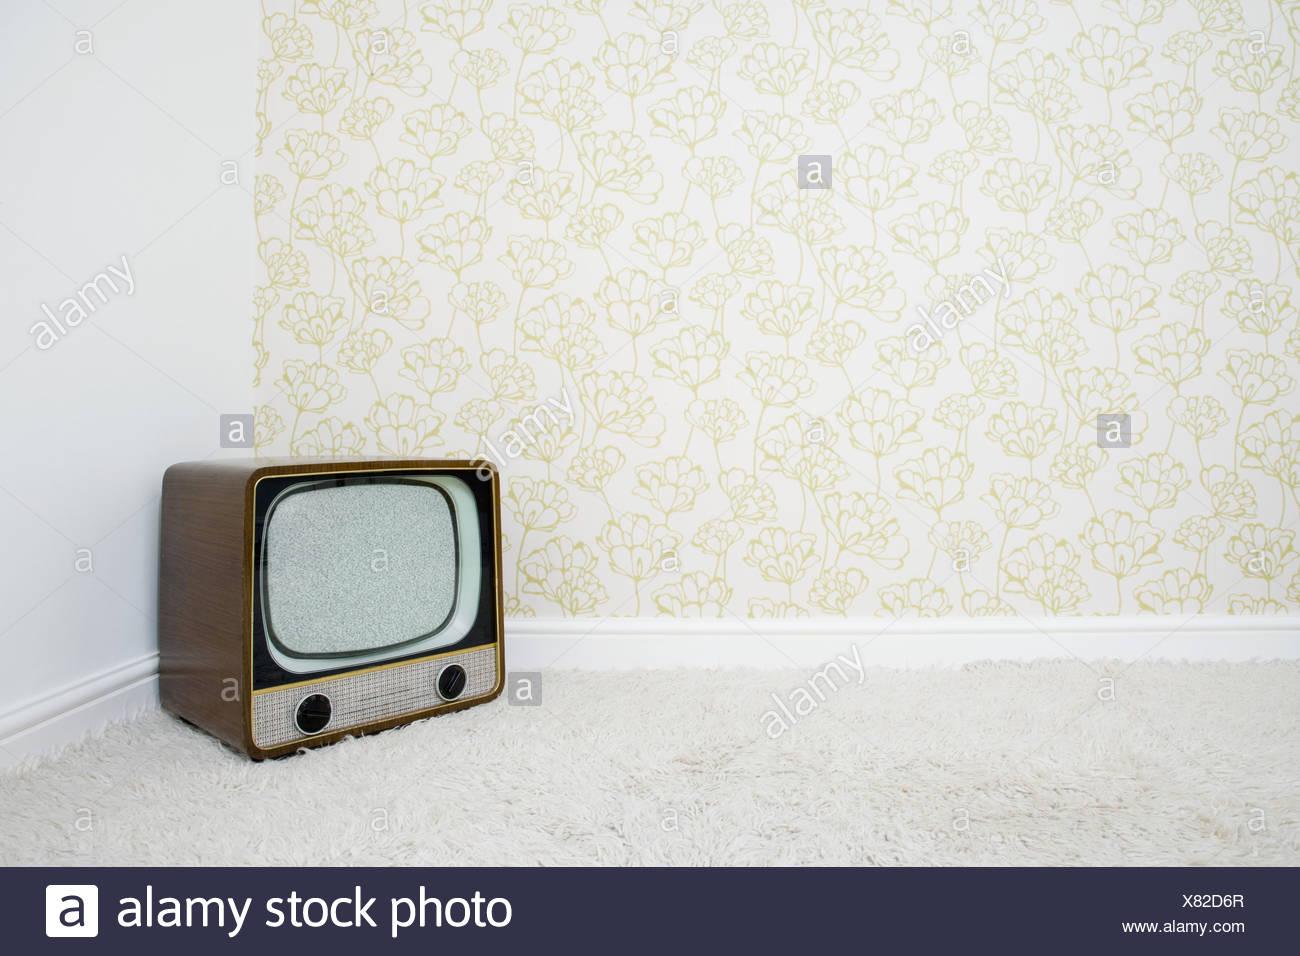 Televisione retrò in un angolo della stanza con carta da parati Immagini Stock